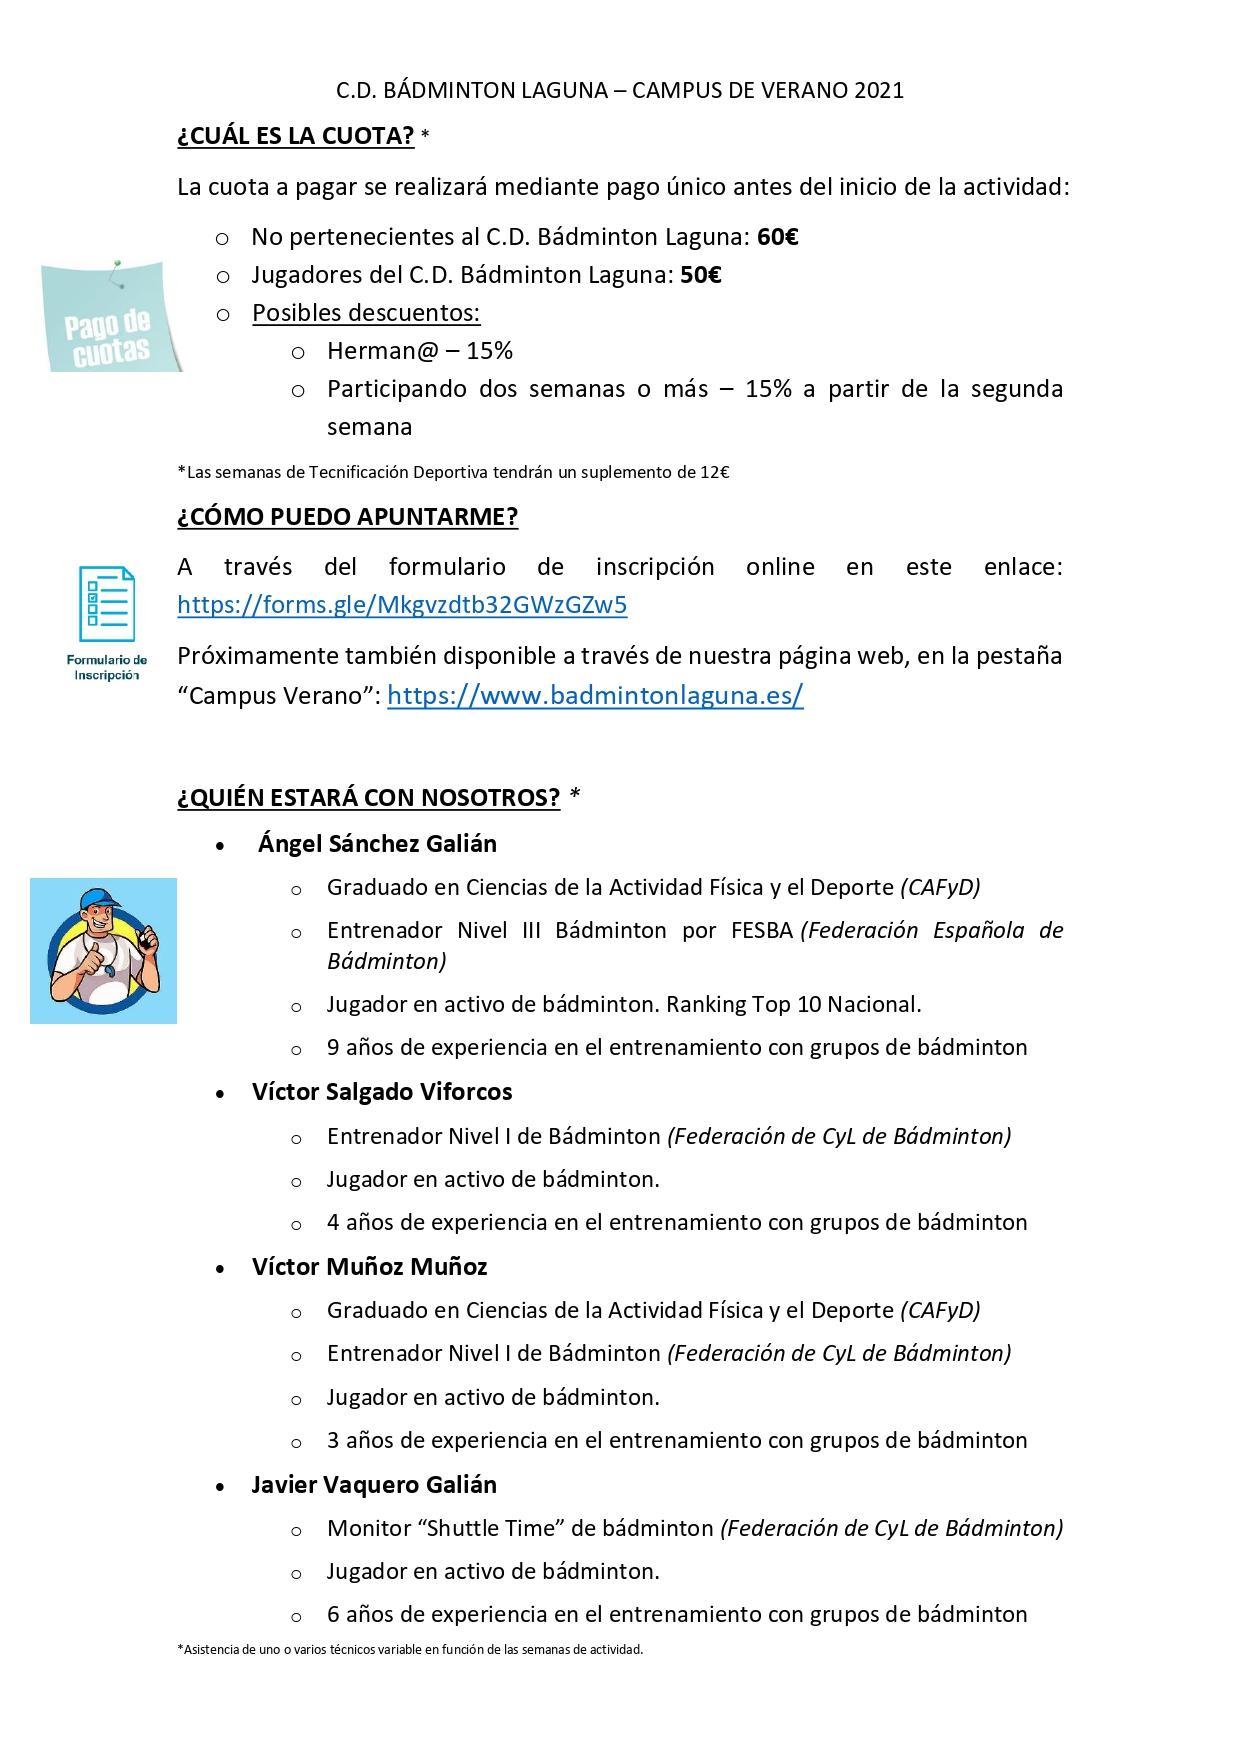 Informacion campus de verano 21 c d badminton laguna final page 0002